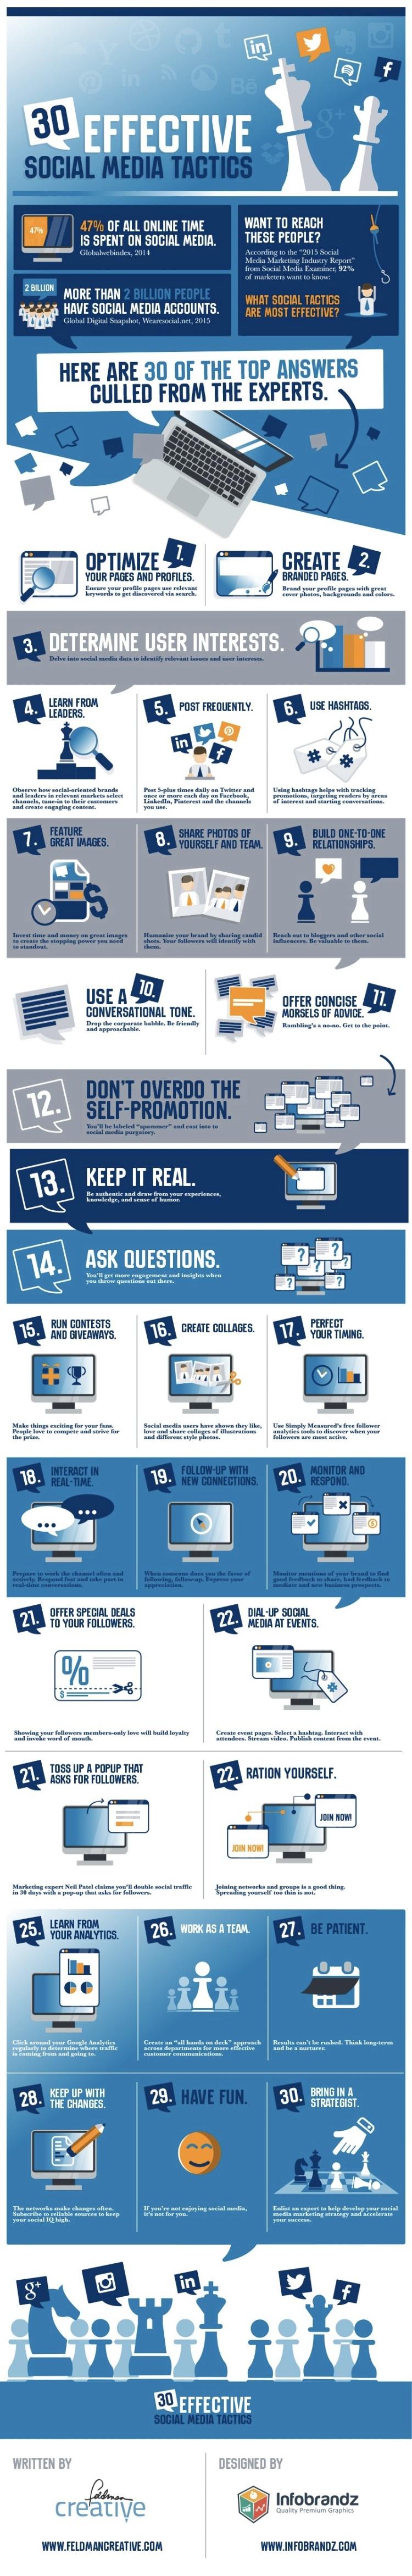 """Quando o assunto é Marketing Digital, a verdade é que nunca sabemos ao certo quais táticas vamos oferecer à nossa audiência. Até mesmo a tarefa de definir o que é """"eficaz"""" passa a ser um desafio enorme. Isso por que o cenário do marketing on-line evolui na velocidade da oscilação da tela que você tem na sua frente agora mesmo. Confira este infográfico fantástico contendo30 táticas eficazes para redes sociais para você testar esse ano, incluindo-as no seu planejamento estratégico de marketing digital! ➤ Marketing de Conteúdo, Redes Sociais, Content Marketing, Social Media, Tendências 2019, Inteligência Artificial, Estratégias Online, Estratégias Digitais, Marketing Digital 360, Search Engine Optimization"""